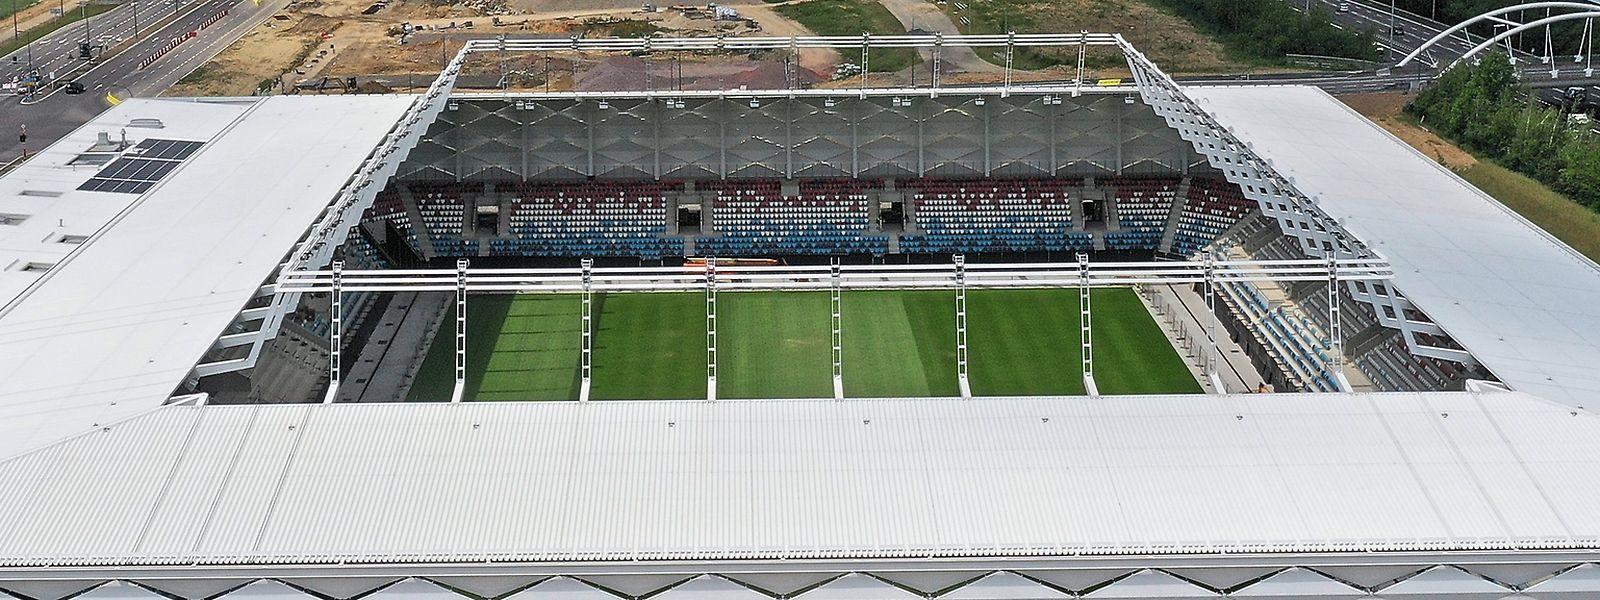 D'ici deux mois qui sait si le stade pourra être rempli à jauge pleine, par 9.300 supporters des Lions Rouges. La situation sanitaire fixera la limite d'accueil pour le match inaugural.